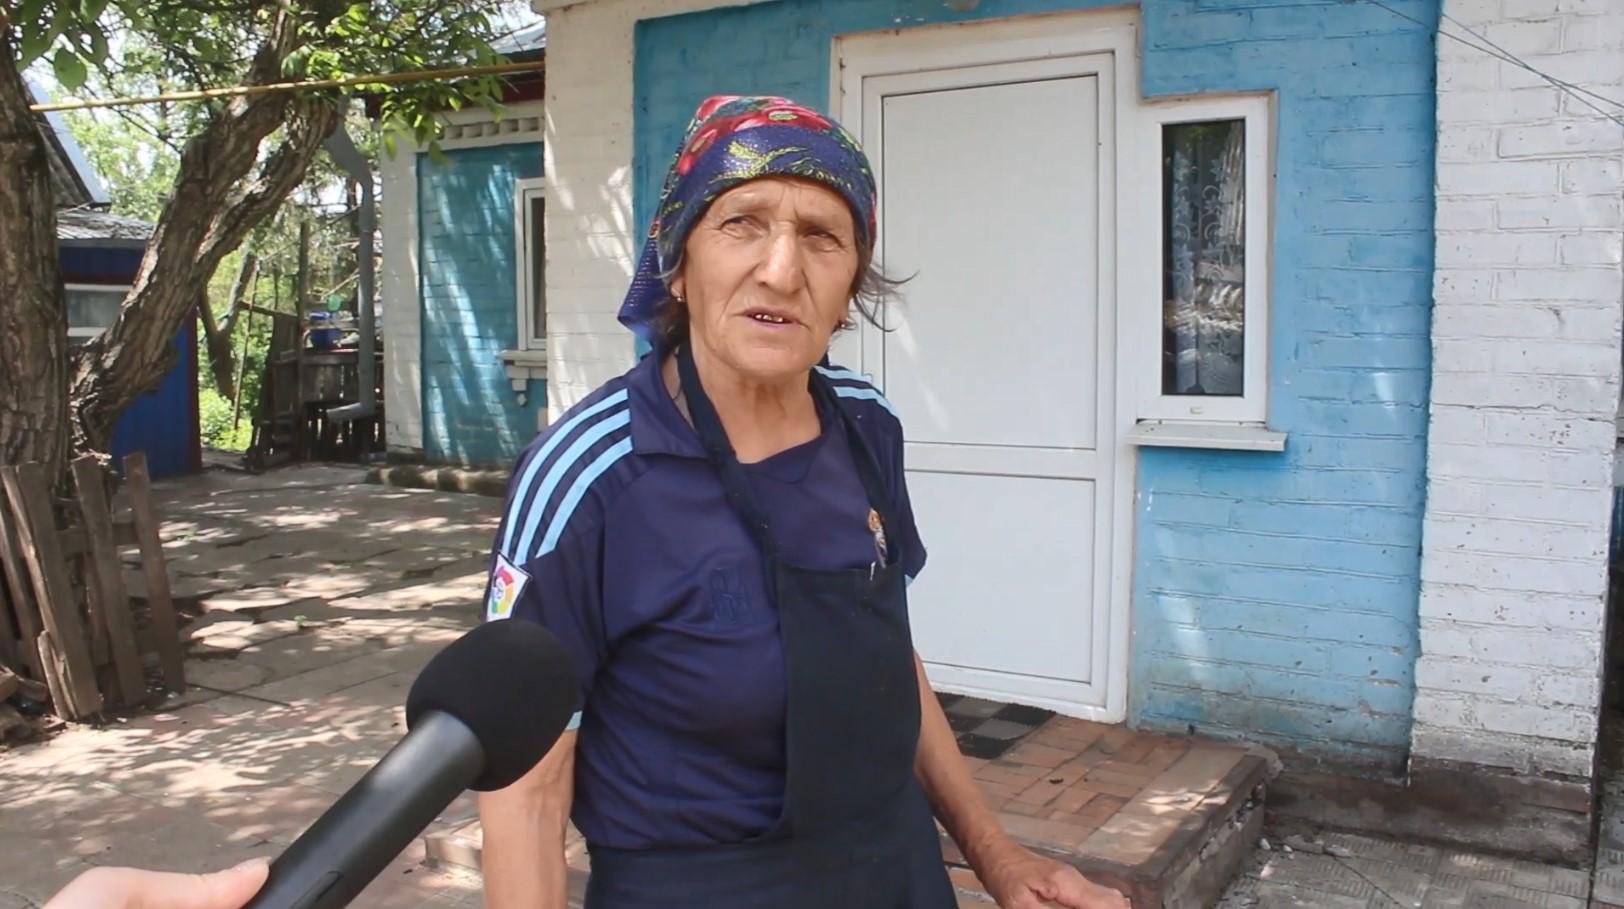 Жителька Кіровоградщини понад 30 років працювала трактористкою (ФОТО)